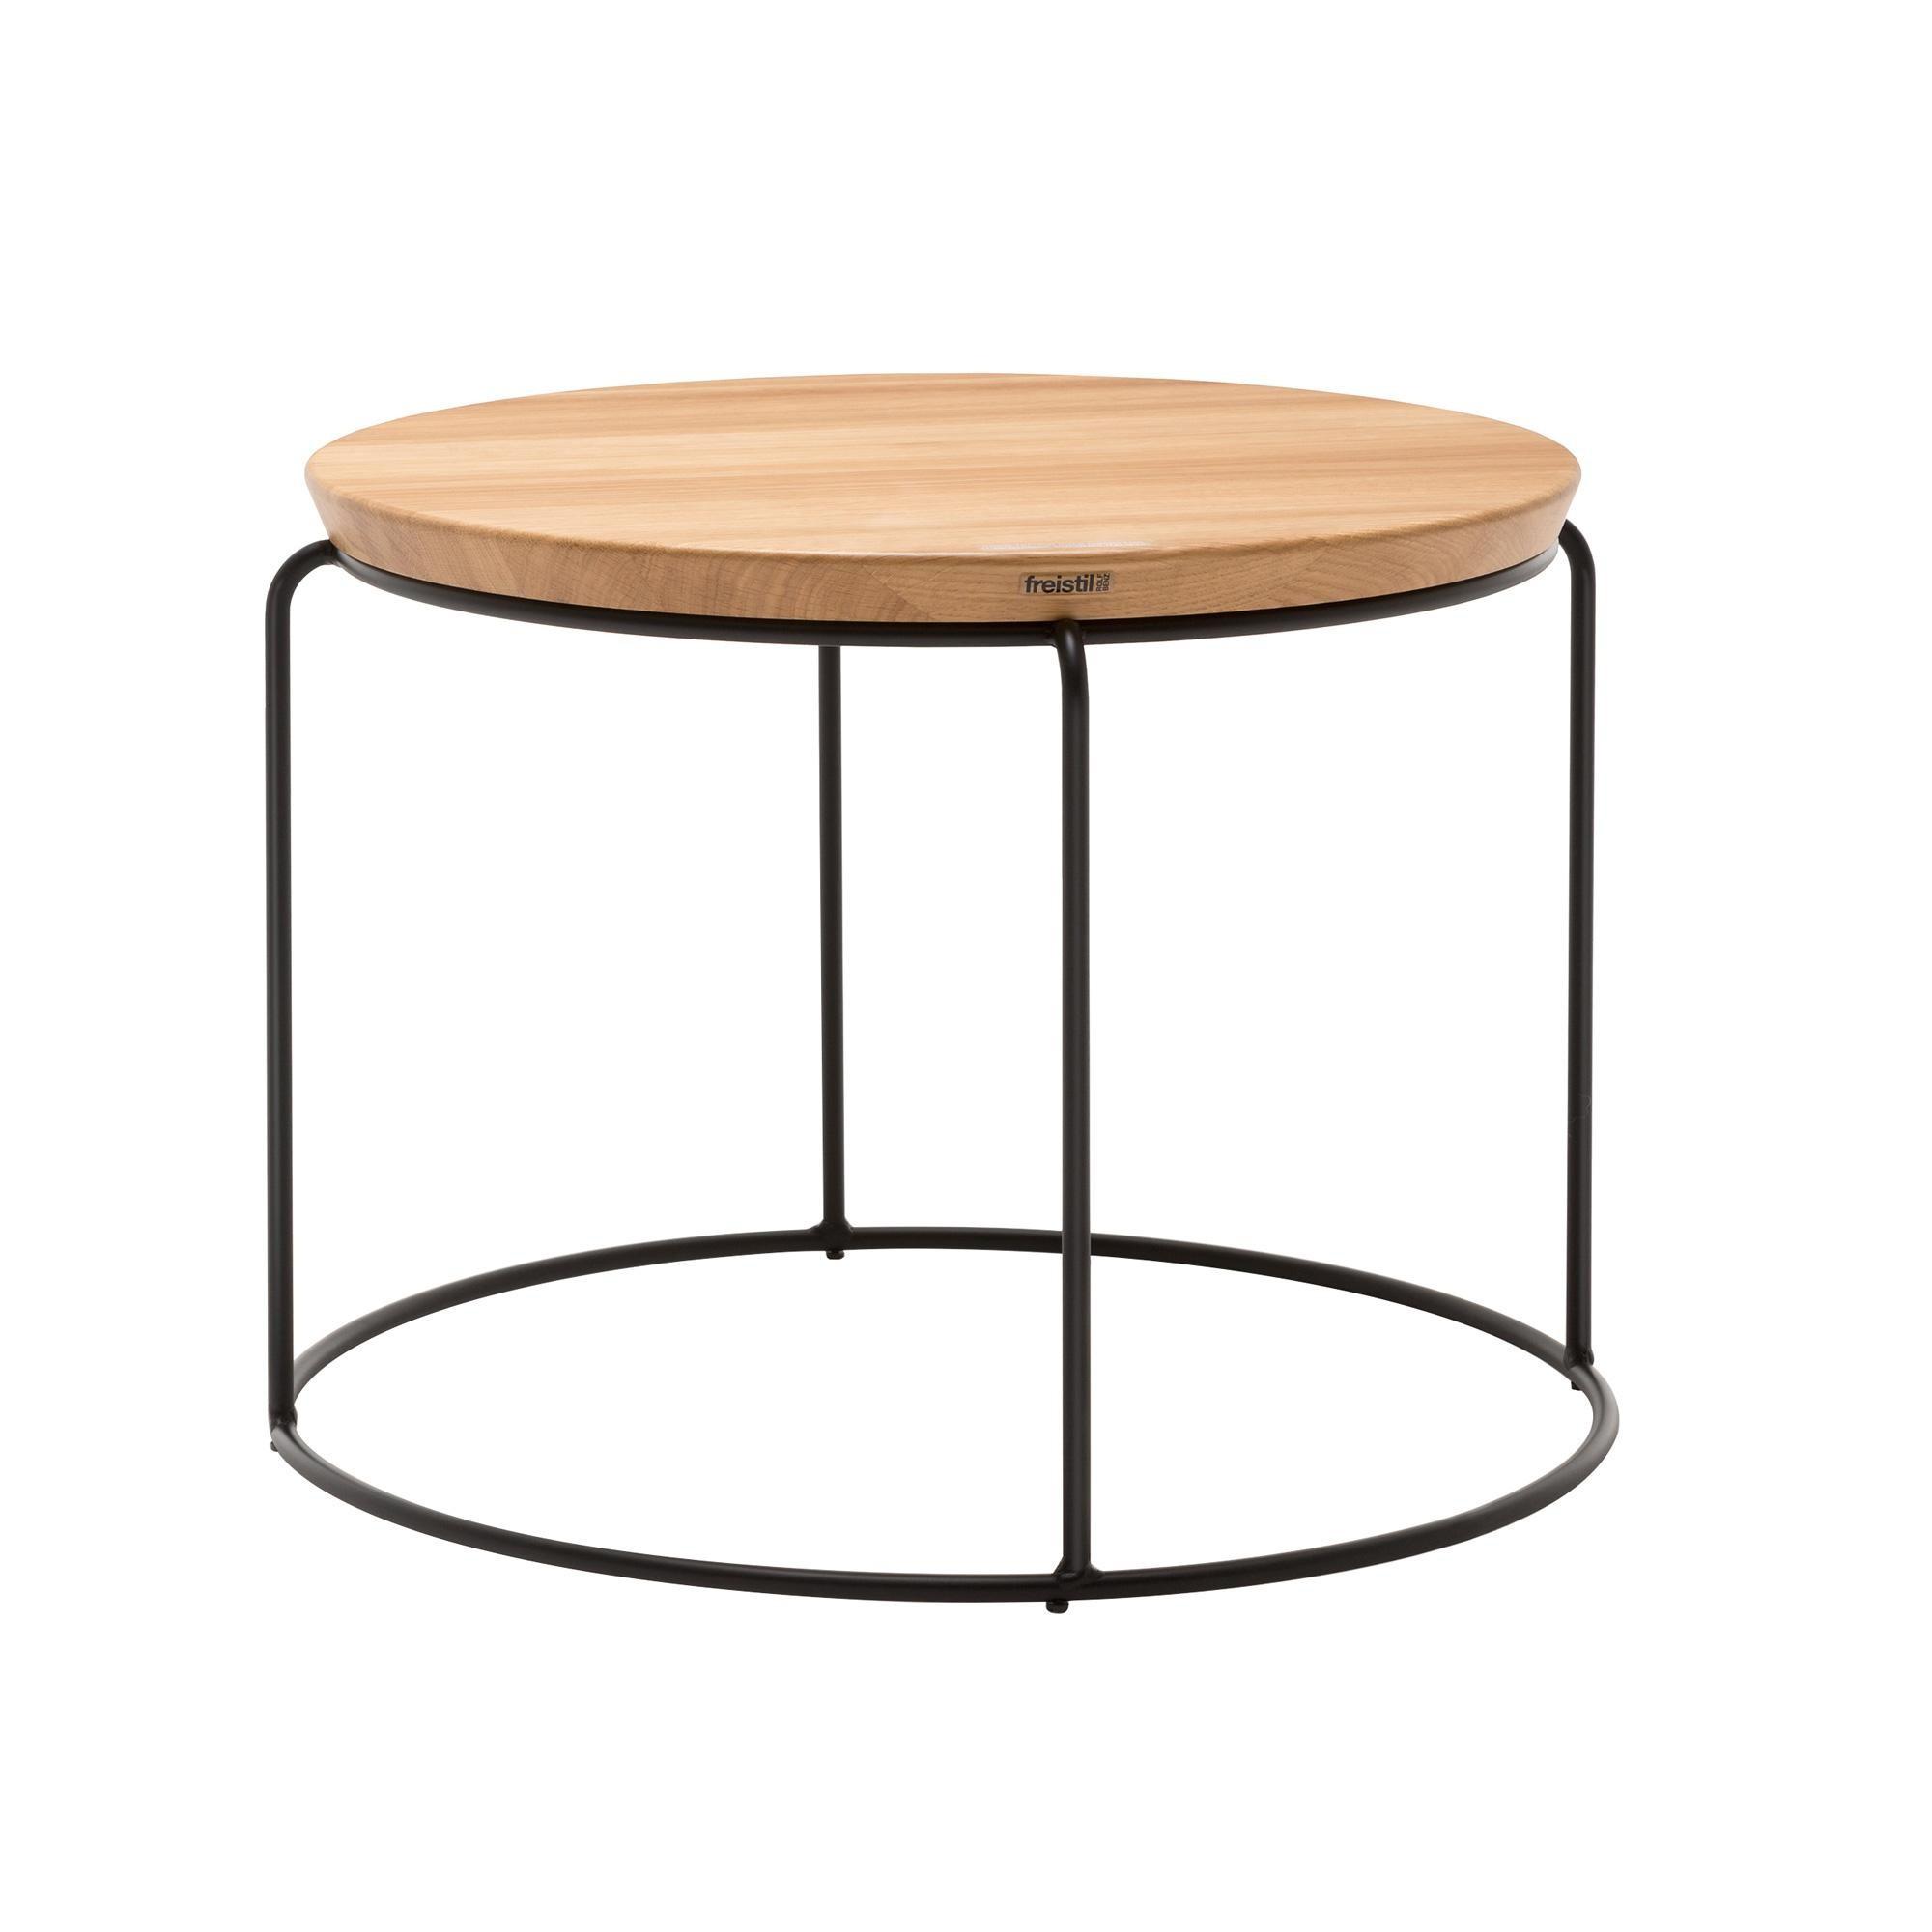 freistil rolf benz freistil 151 couchtisch rund. Black Bedroom Furniture Sets. Home Design Ideas